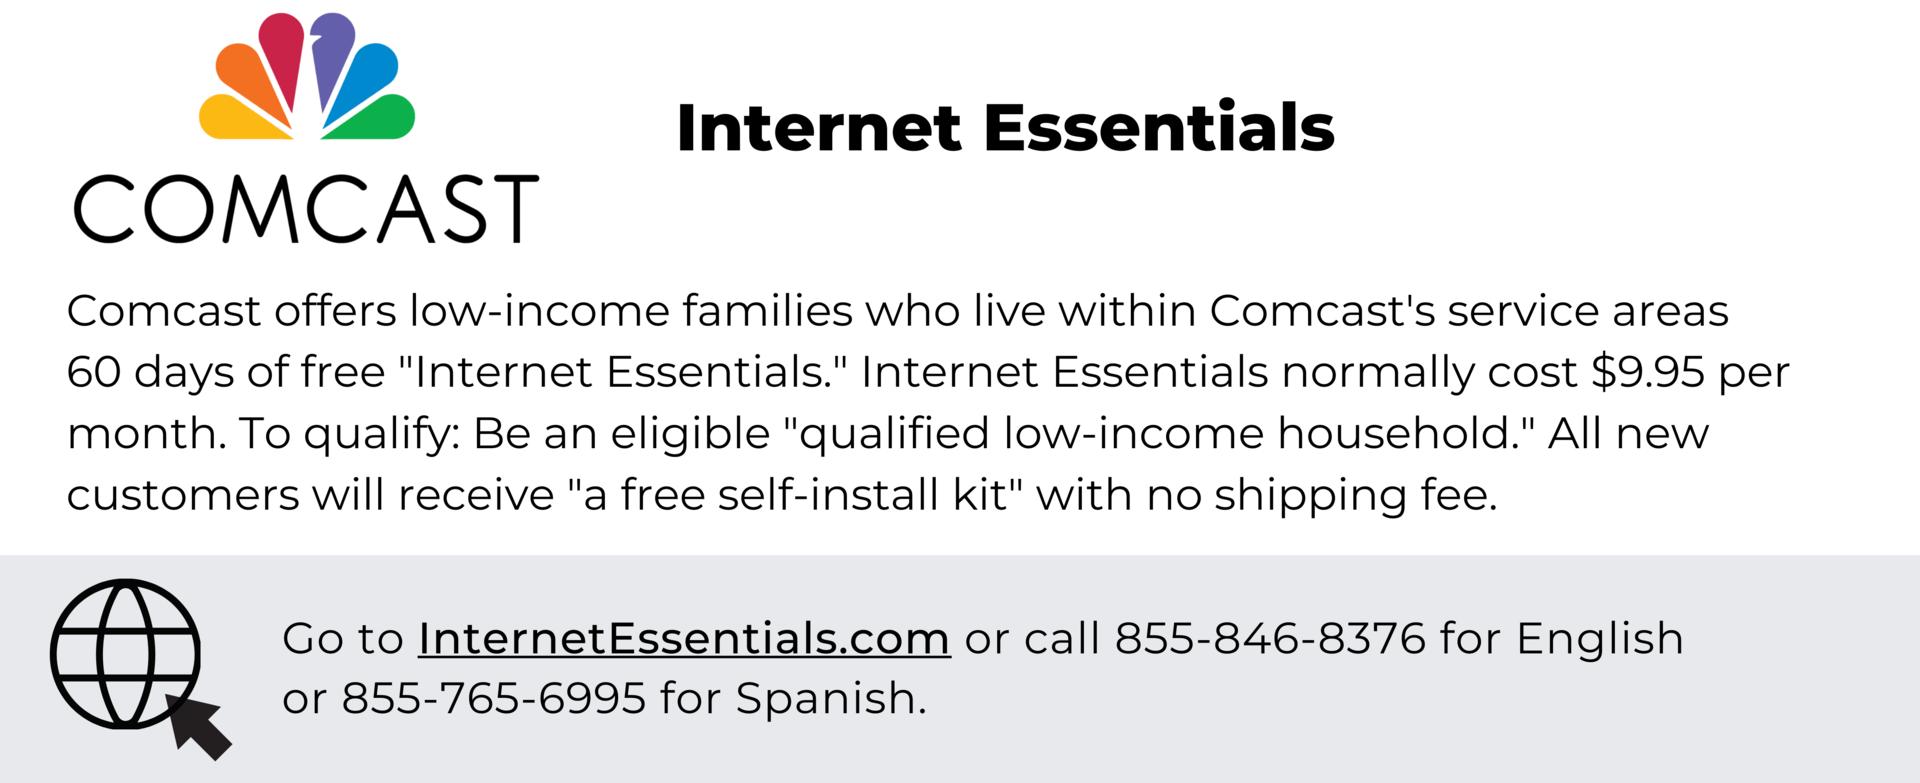 Comcast - Internet Essentials